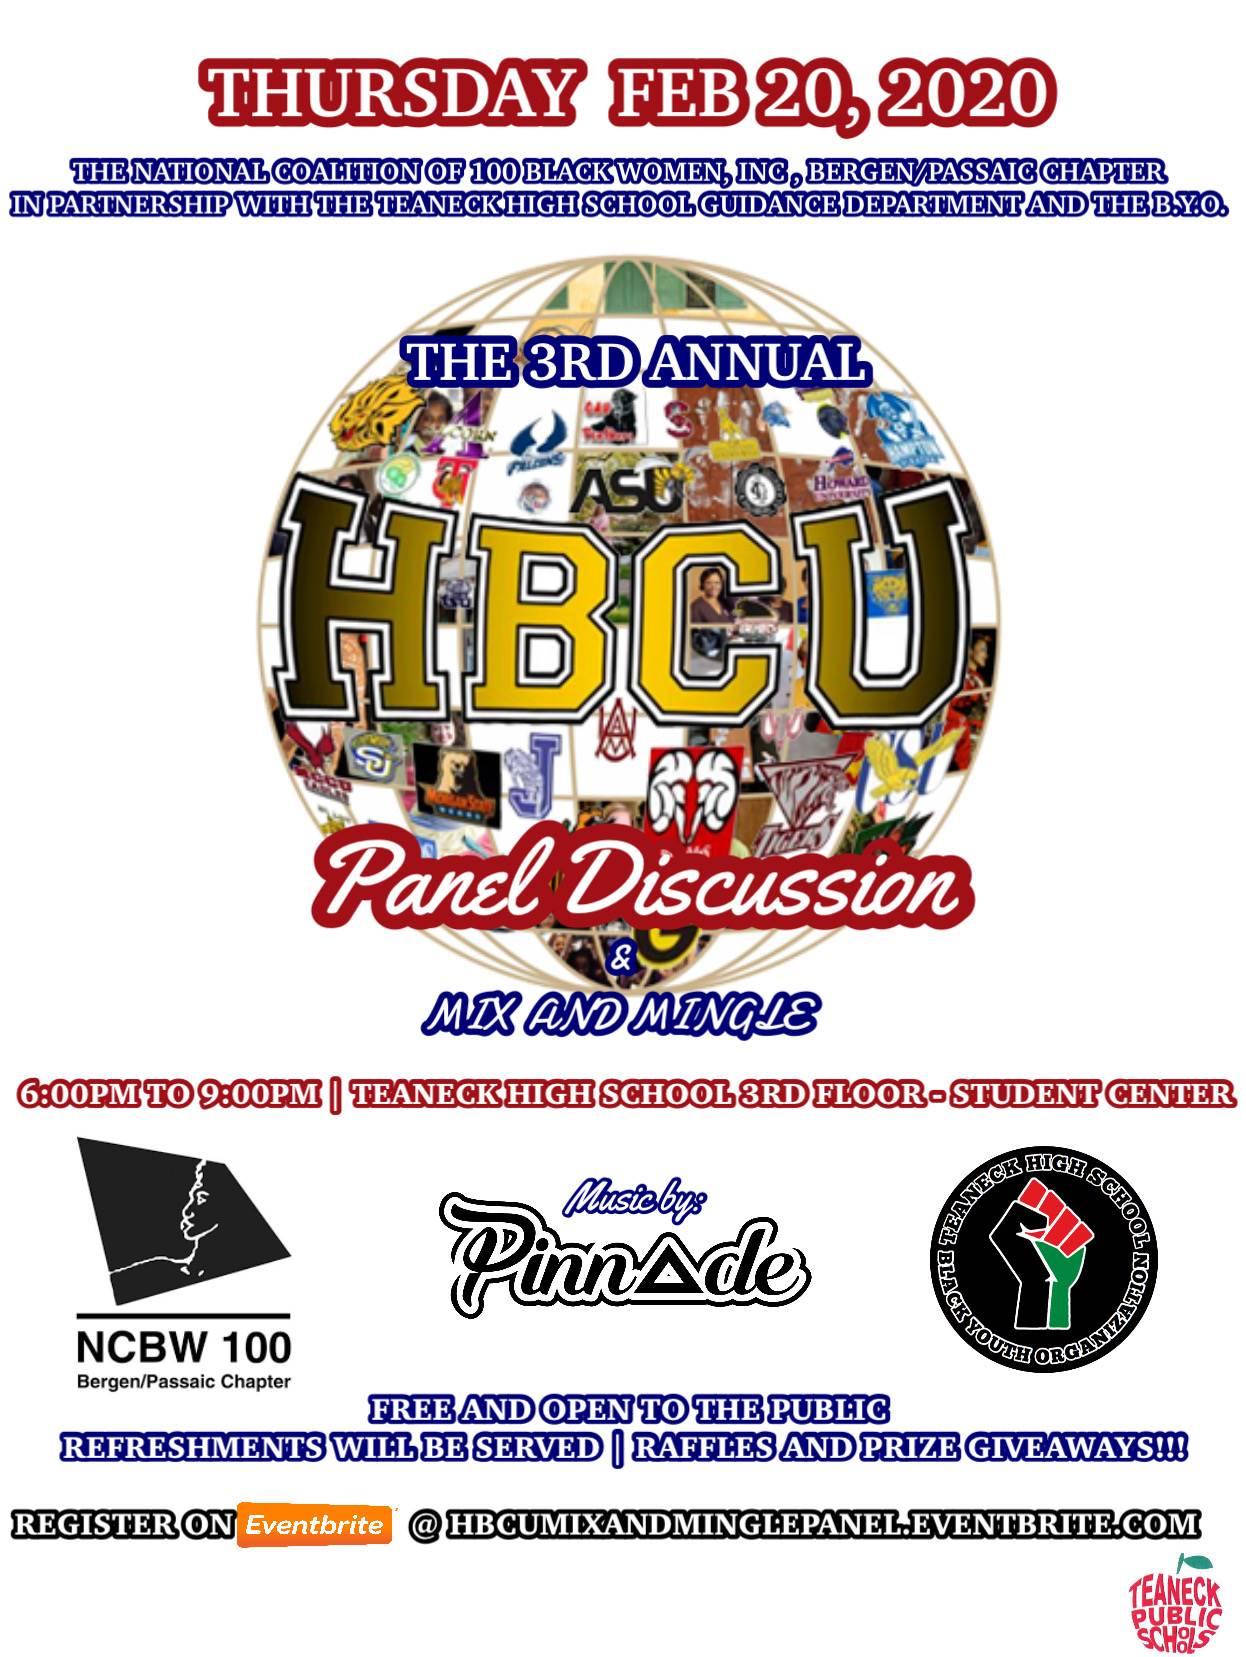 HBCU Panel